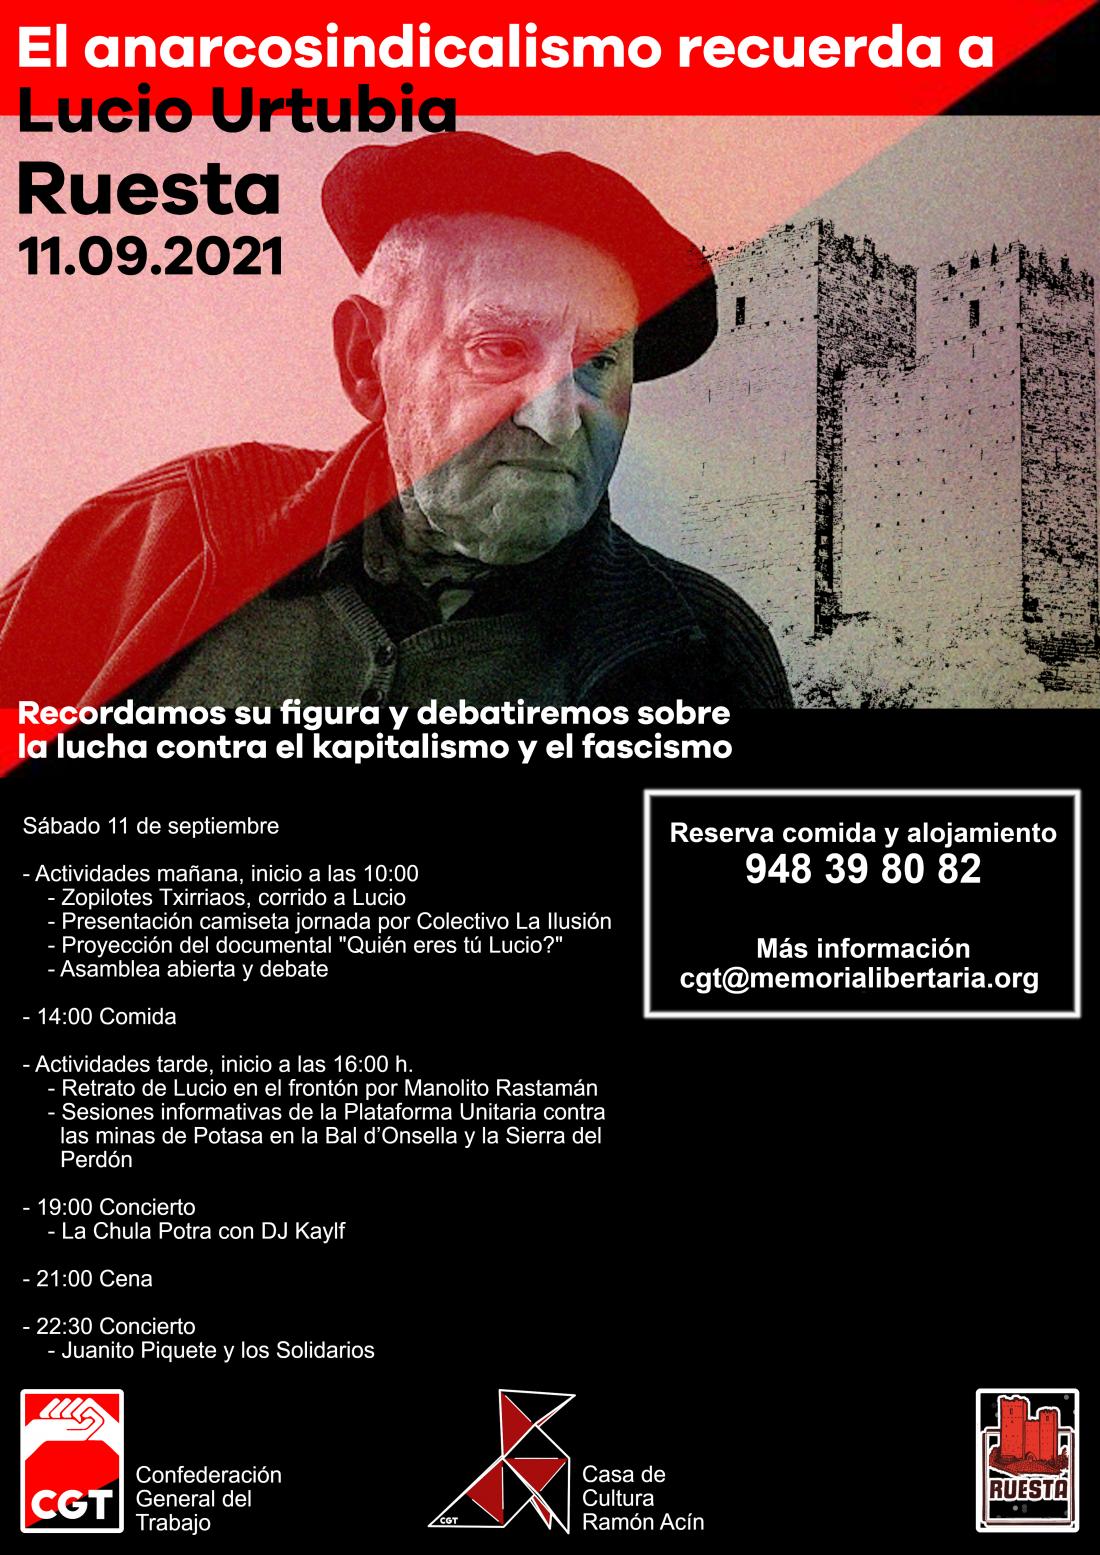 El anarcosindicalismo recuerda a Lucio Urtubia